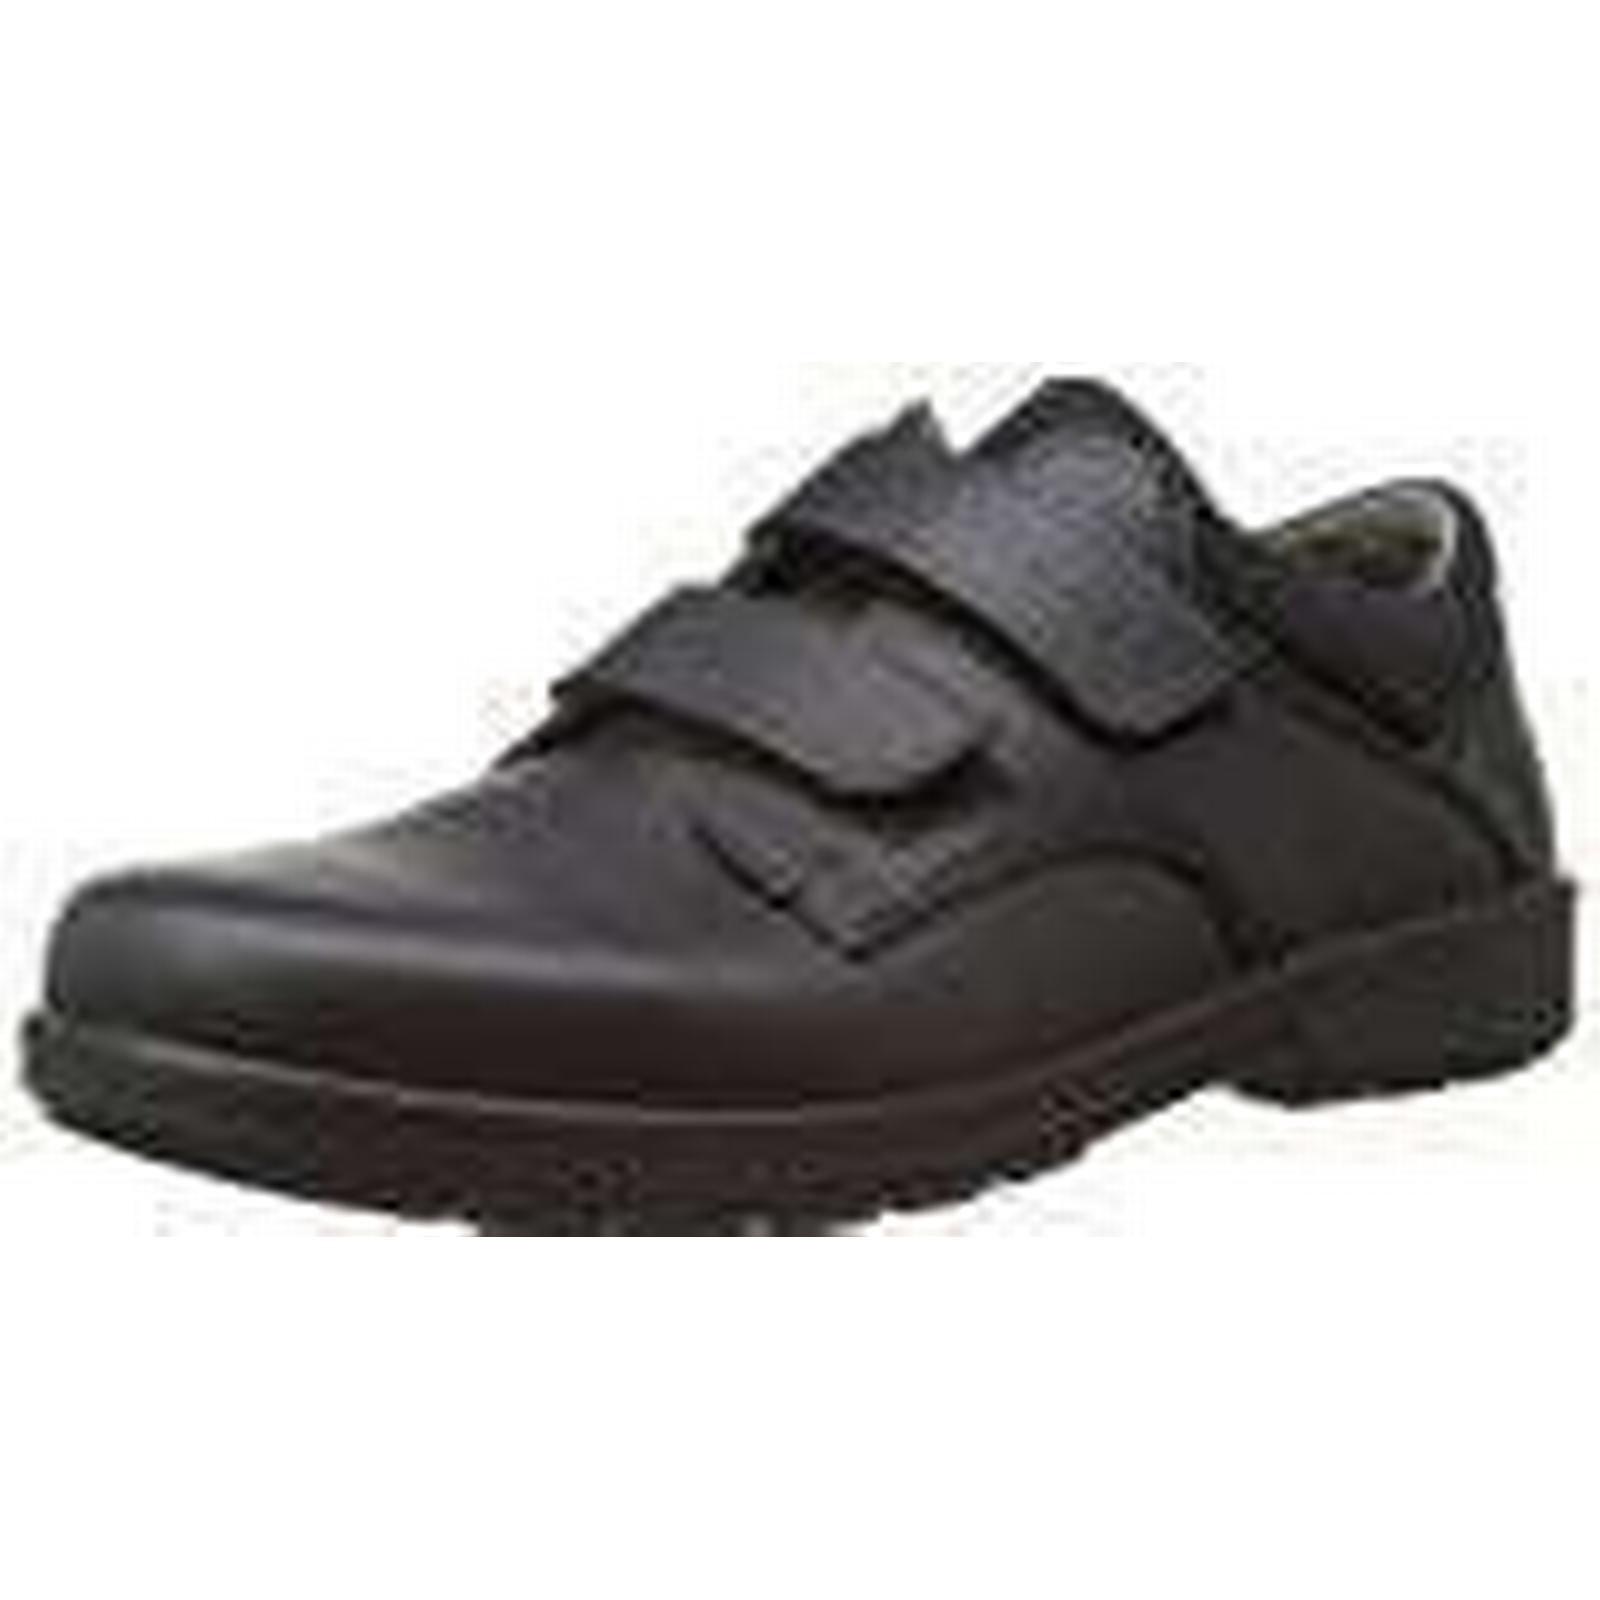 Ricosta 4120200 William, UK Men's Loafers, Black (Black 090), 8 UK William, (42 EU) 772ff0